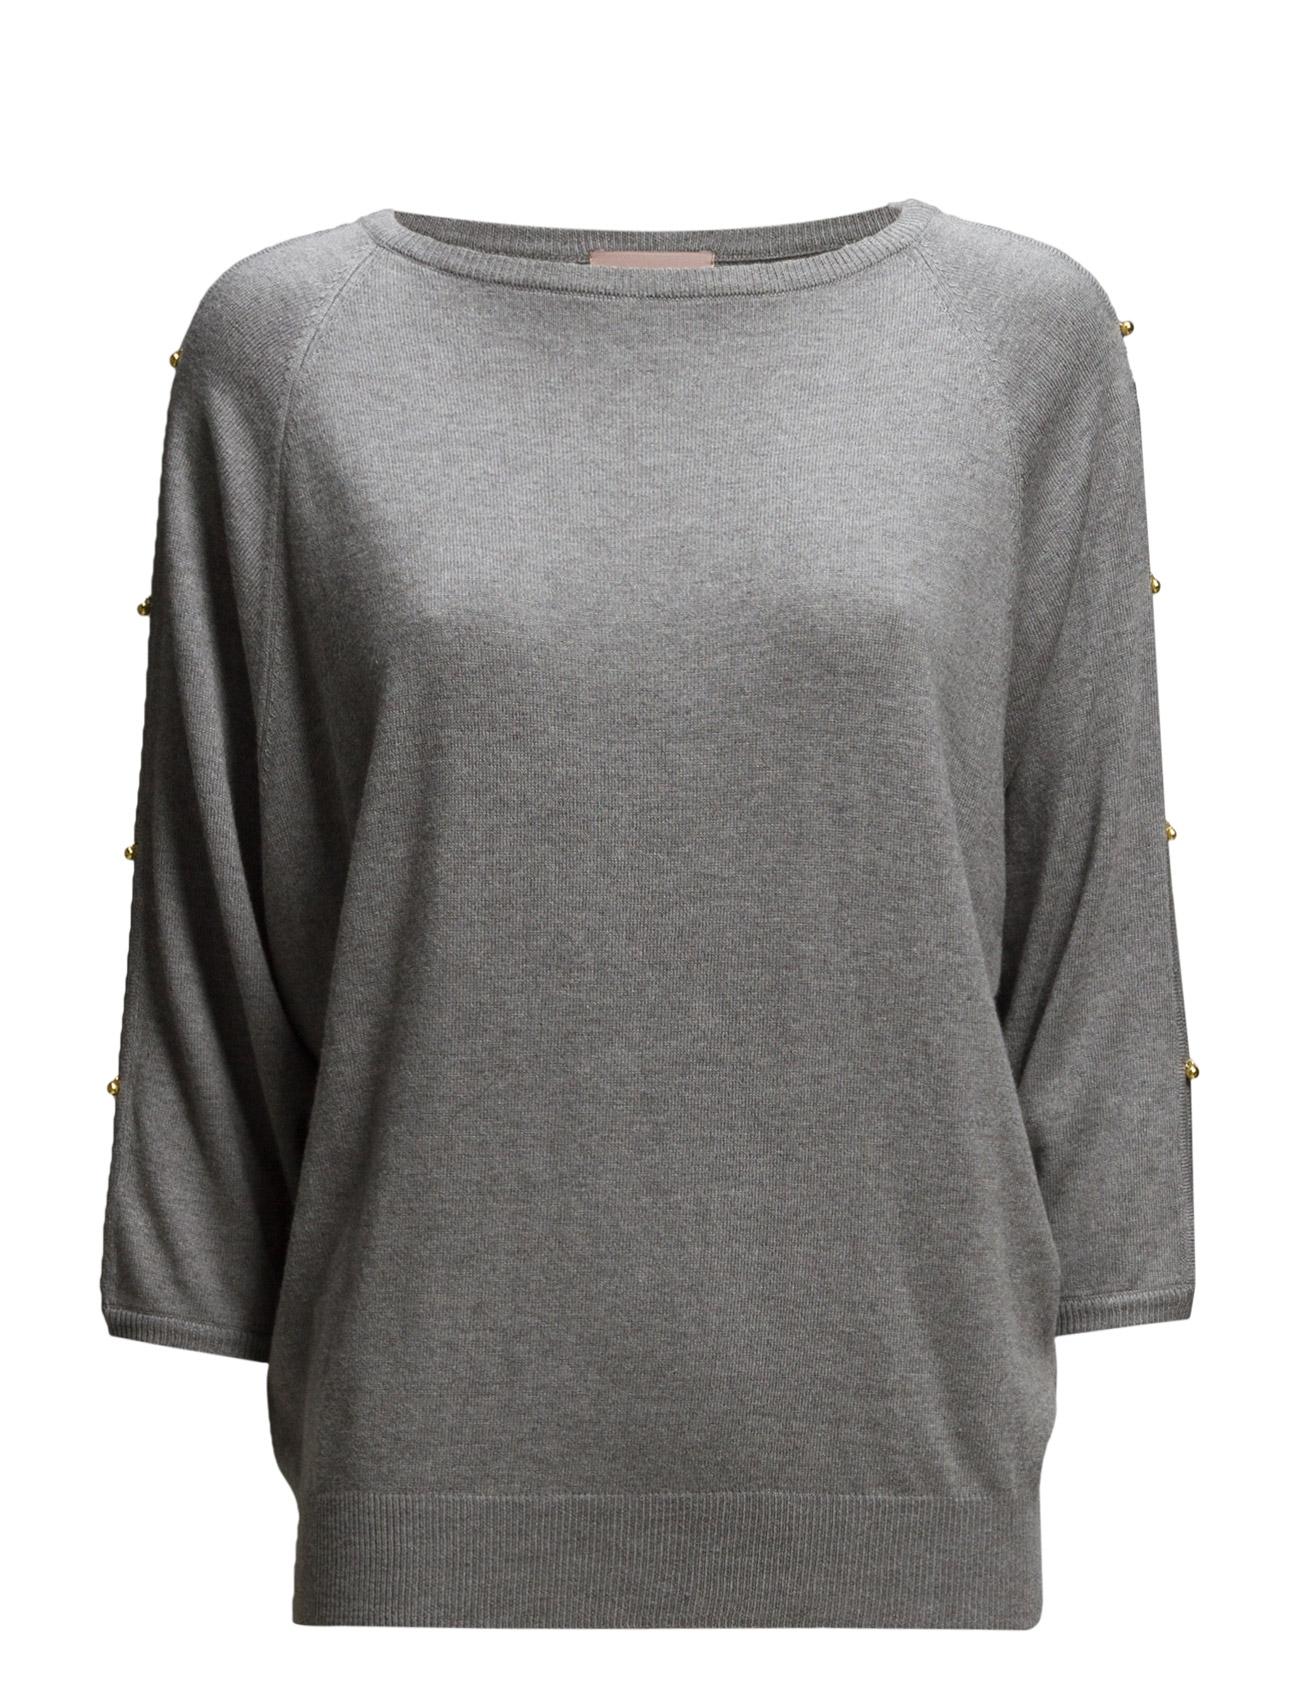 Hira Pullover Knit InWear Sweatshirts til Kvinder i Sort